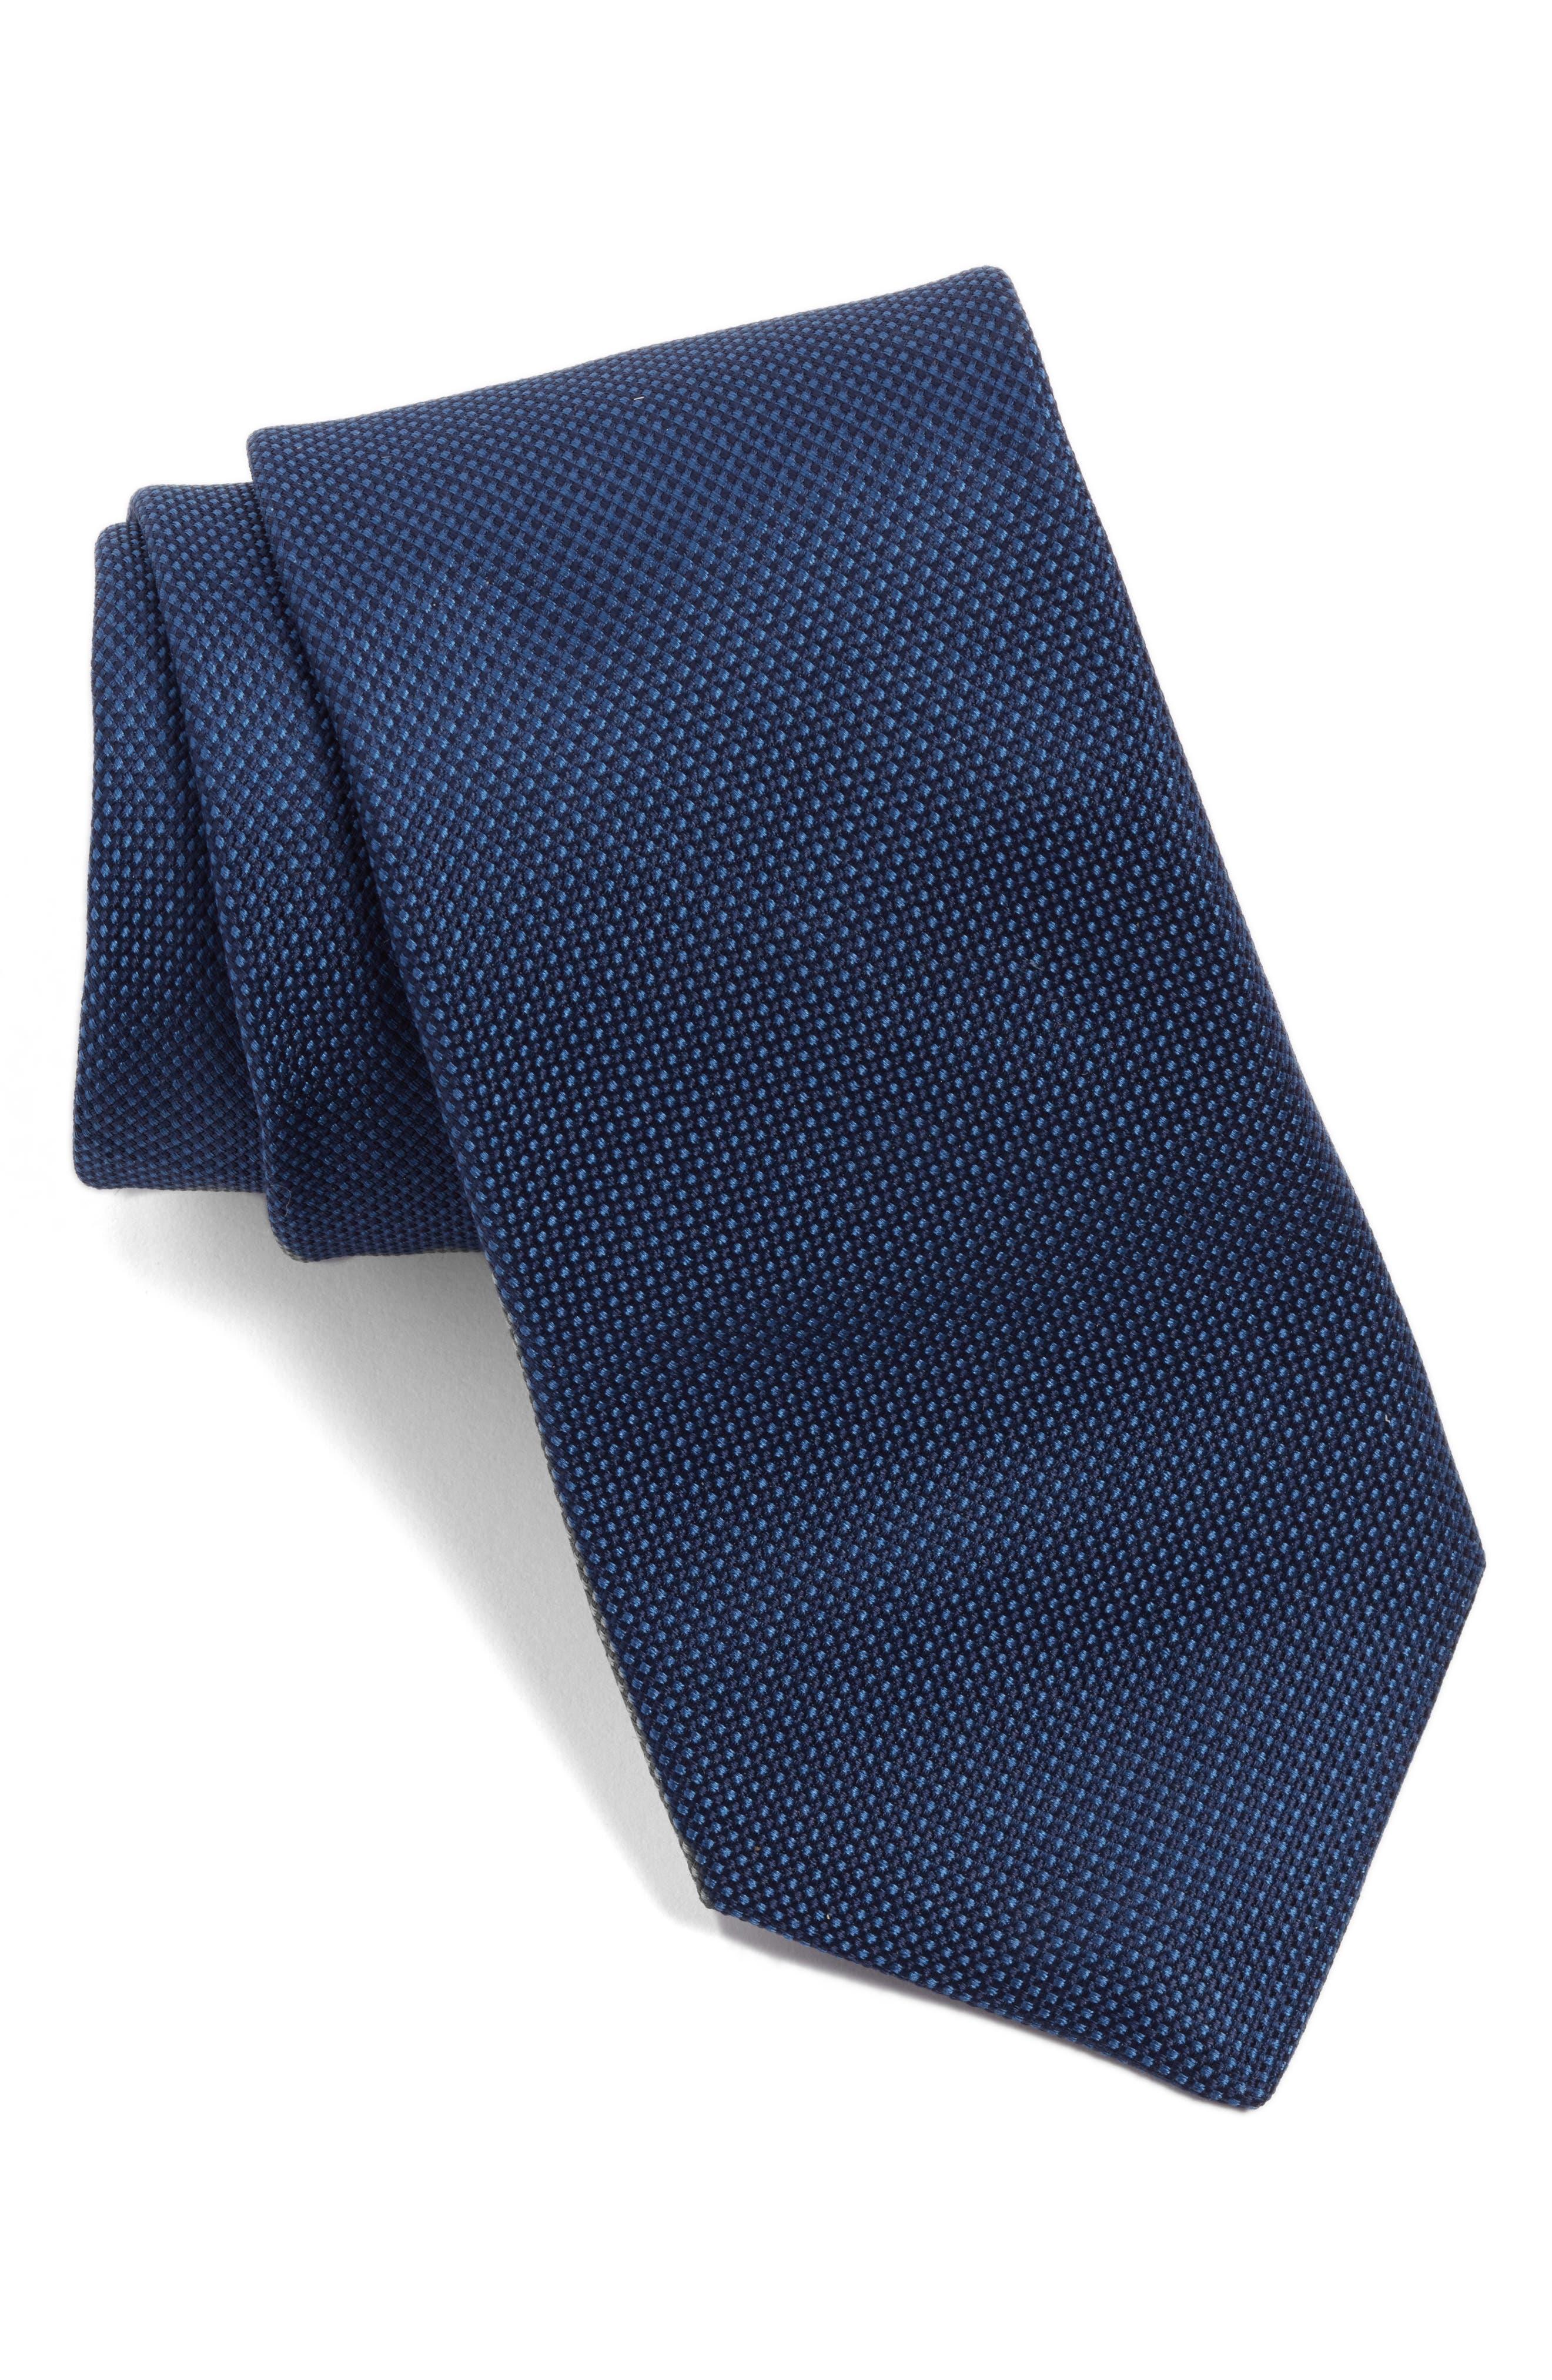 Solid Silk Tie,                         Main,                         color, Navy